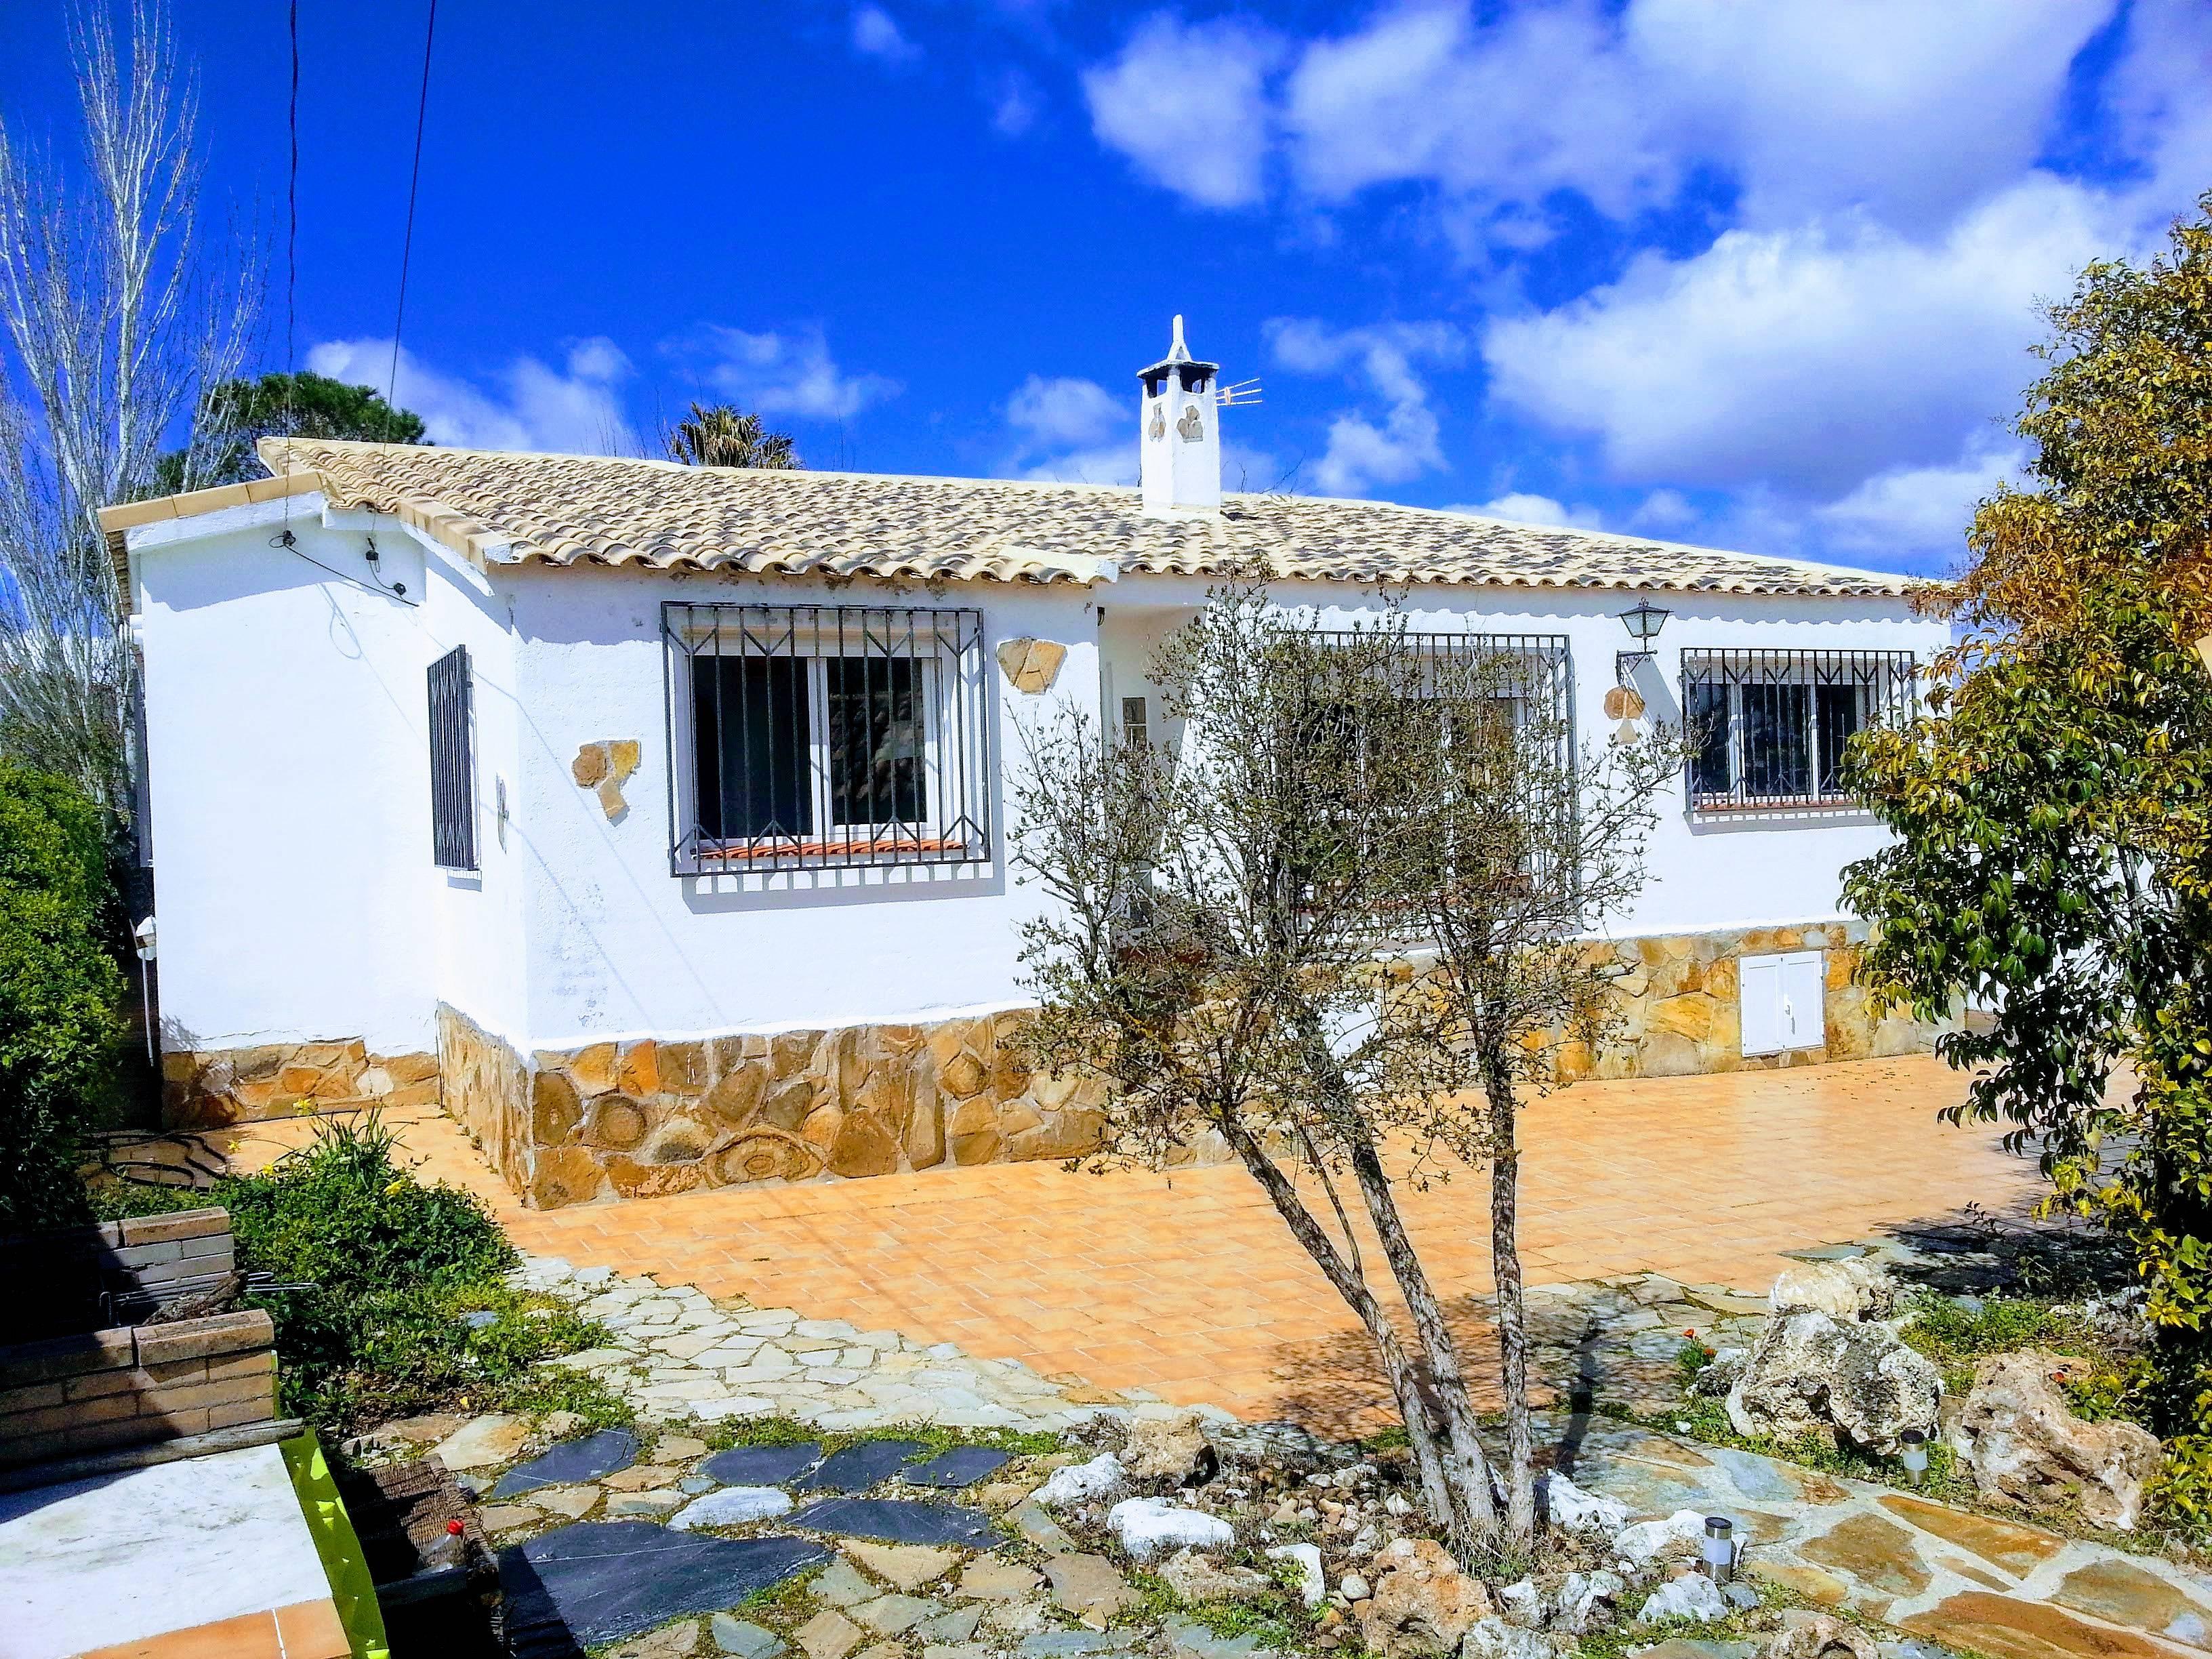 Alquiler apartamentos vacacionales en el lamo madrid y casas rurales - Casas vacacionales madrid ...